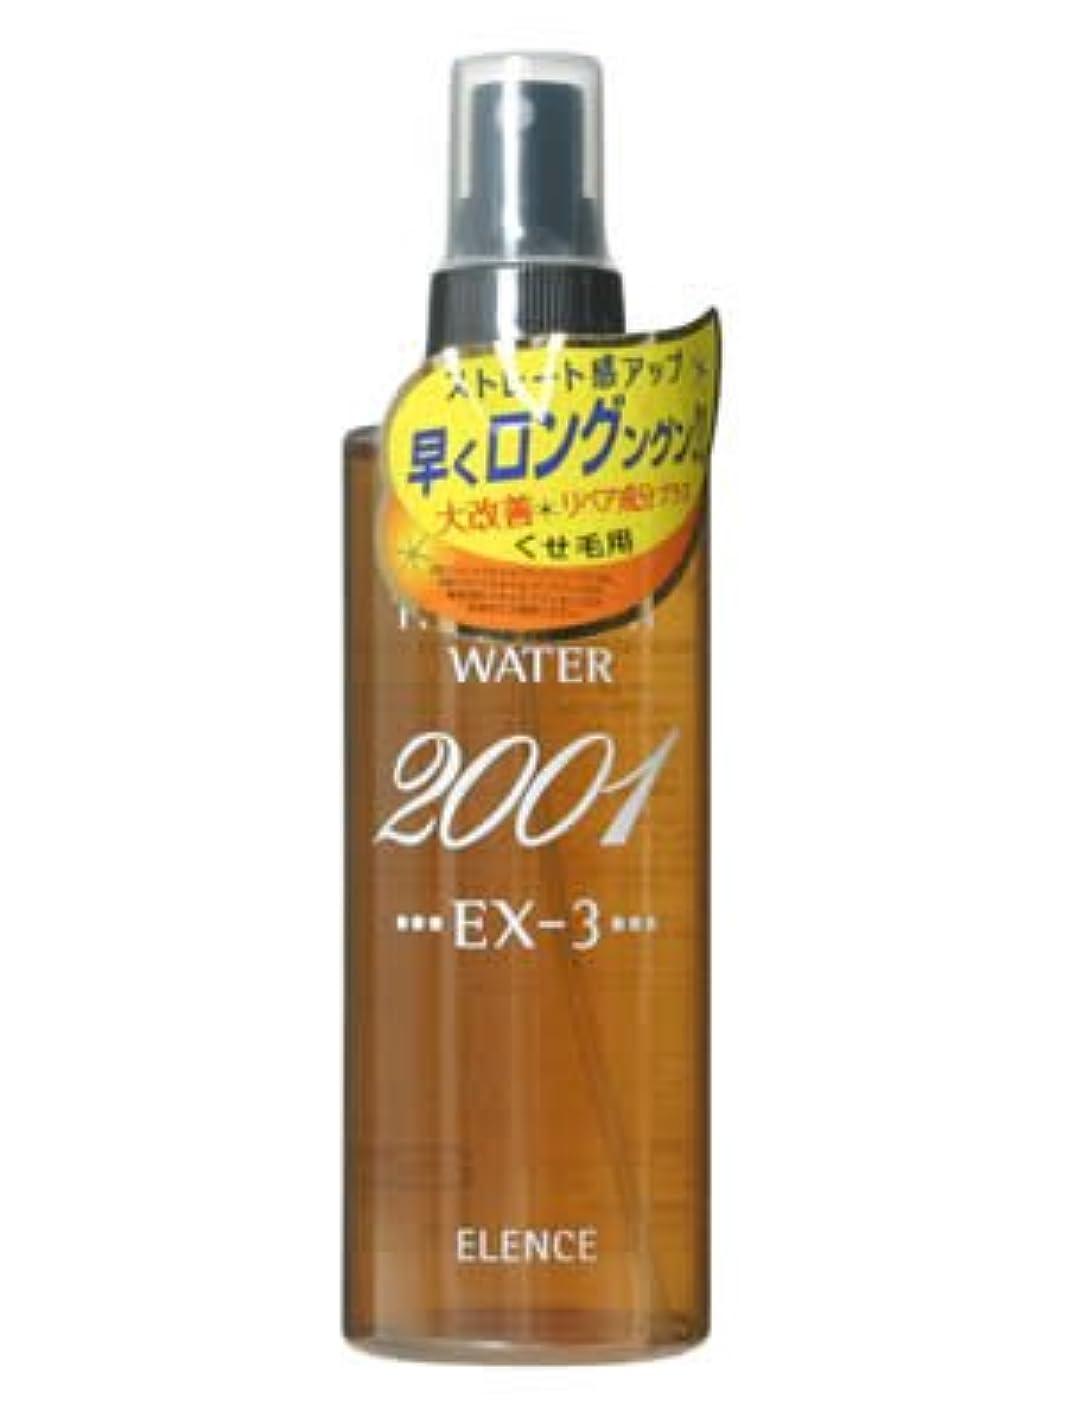 あいさつ周波数比較エレンス2001 スキャルプトリートメントウォーターEX-3(くせ毛用)